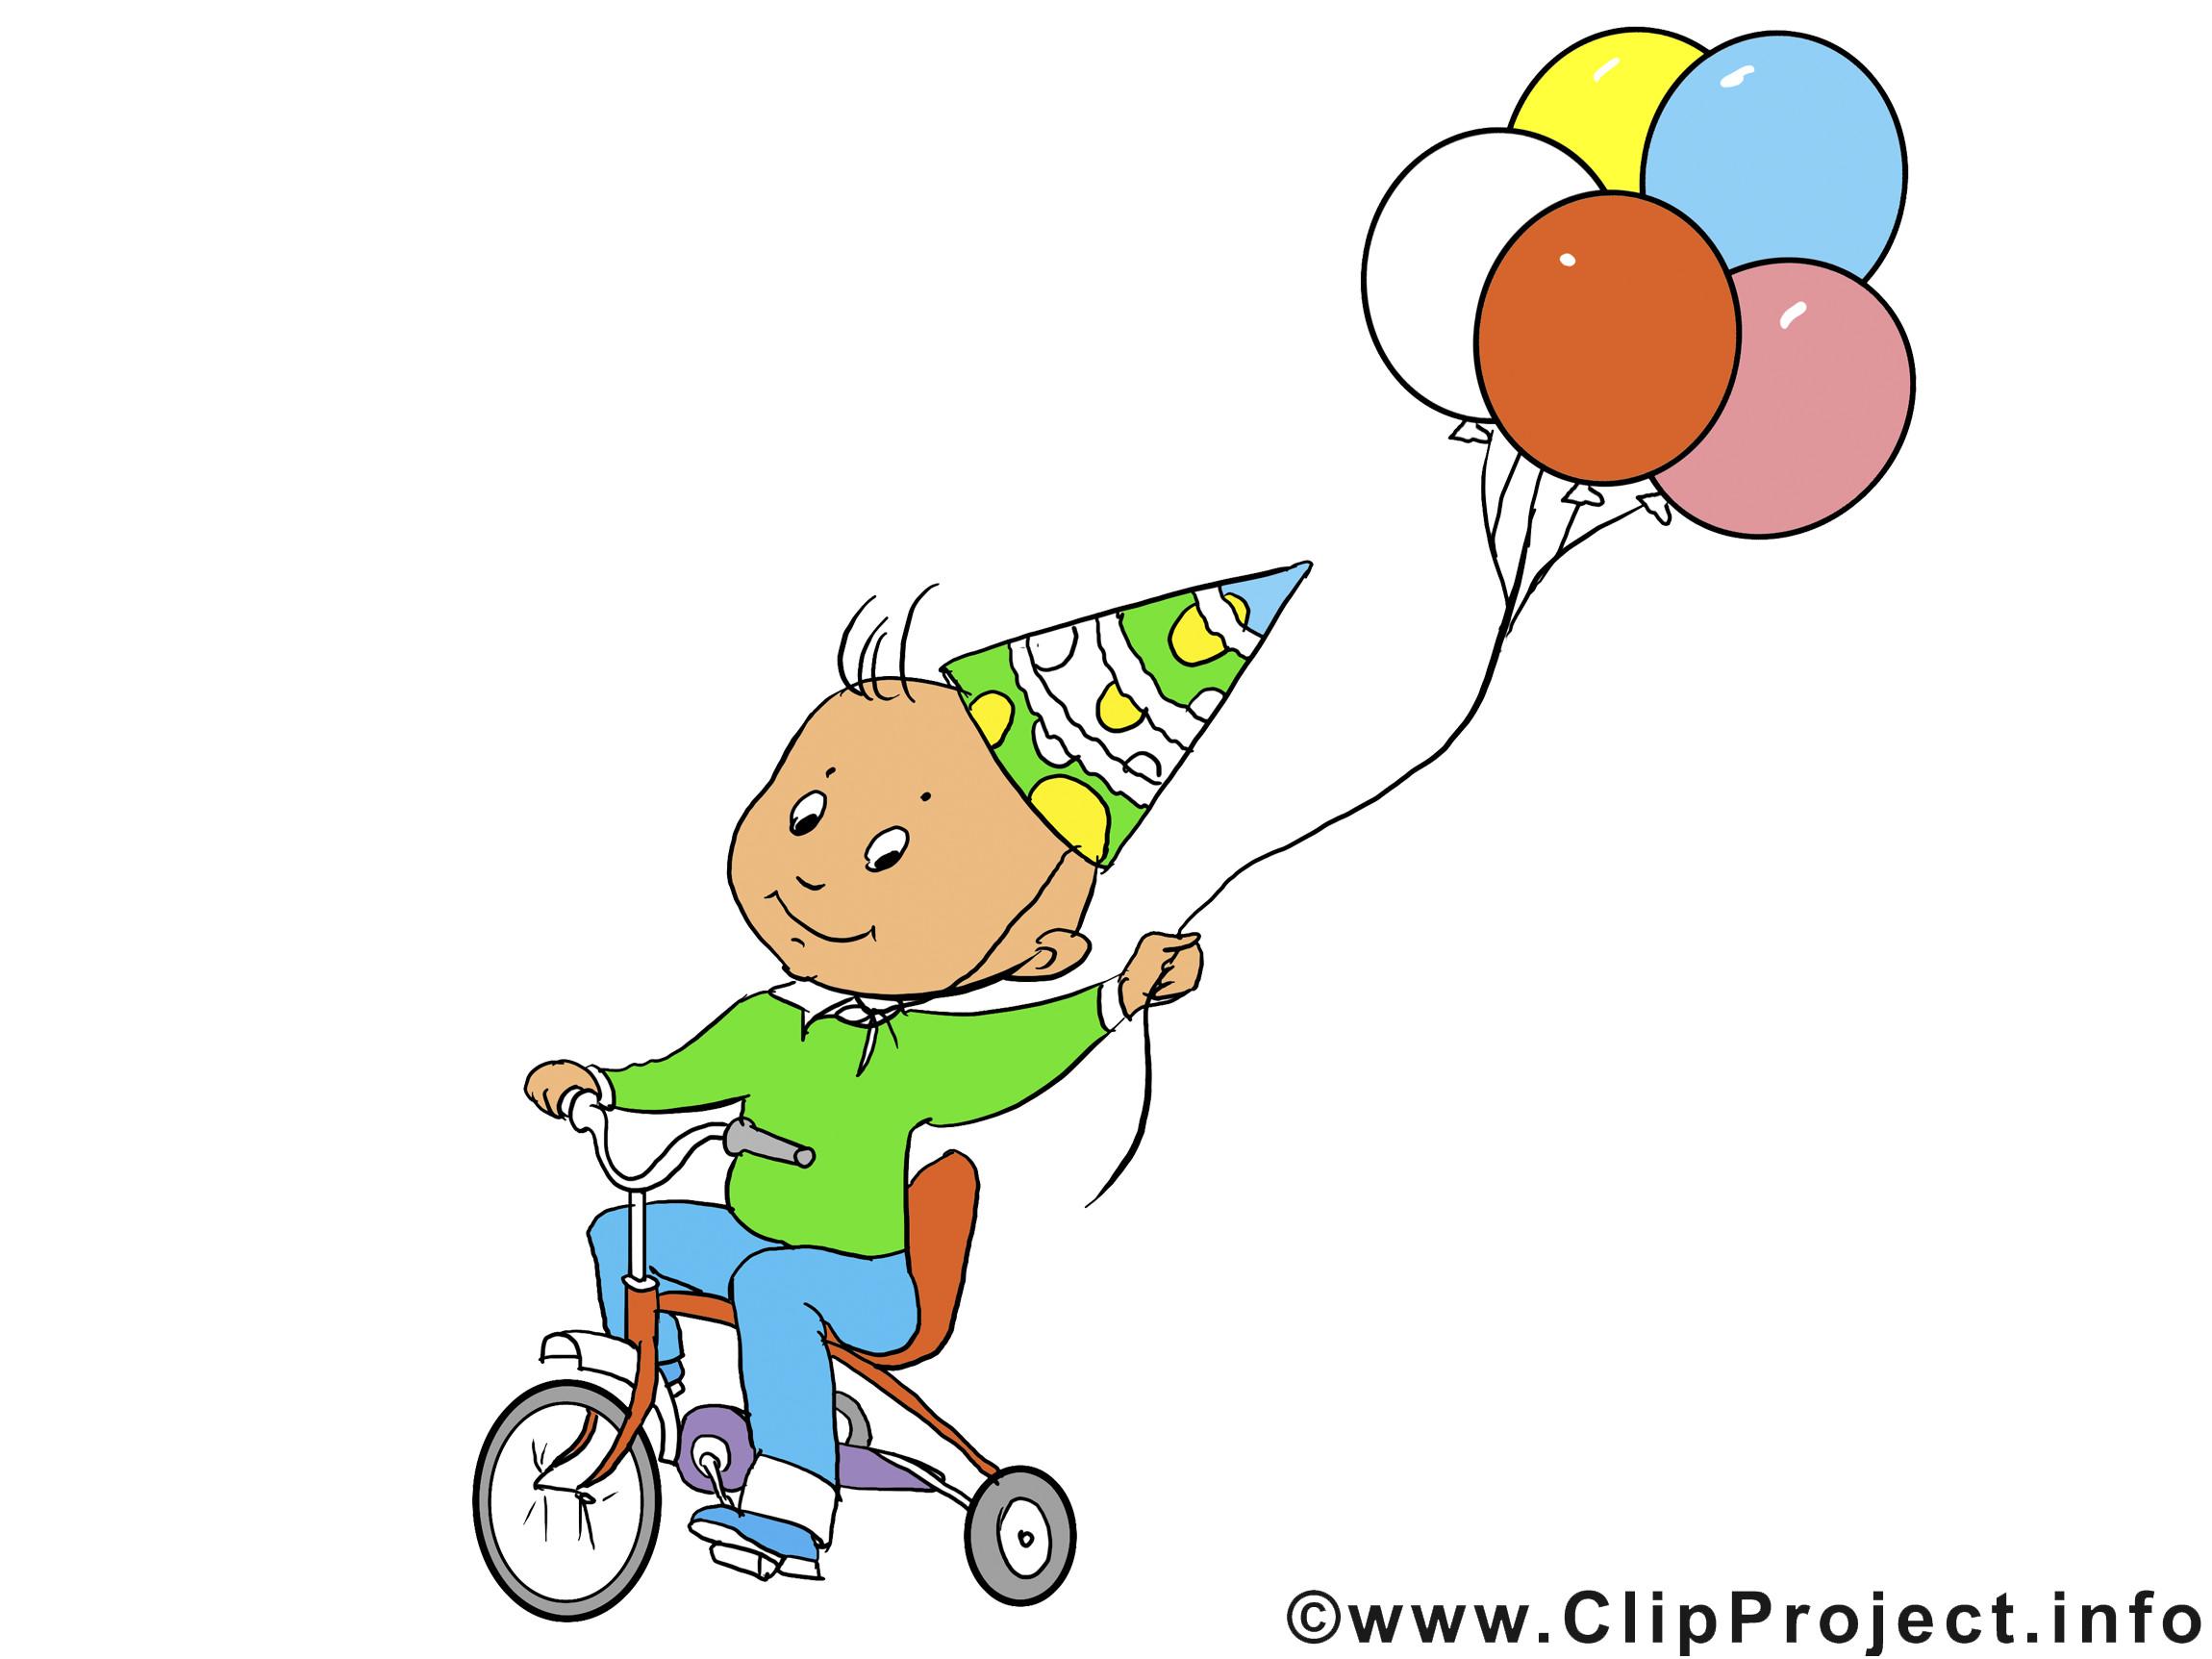 Geburtstagskarten Zum Ausdrucken Kostenlos  ic Geburtstagskarten ausdrucken